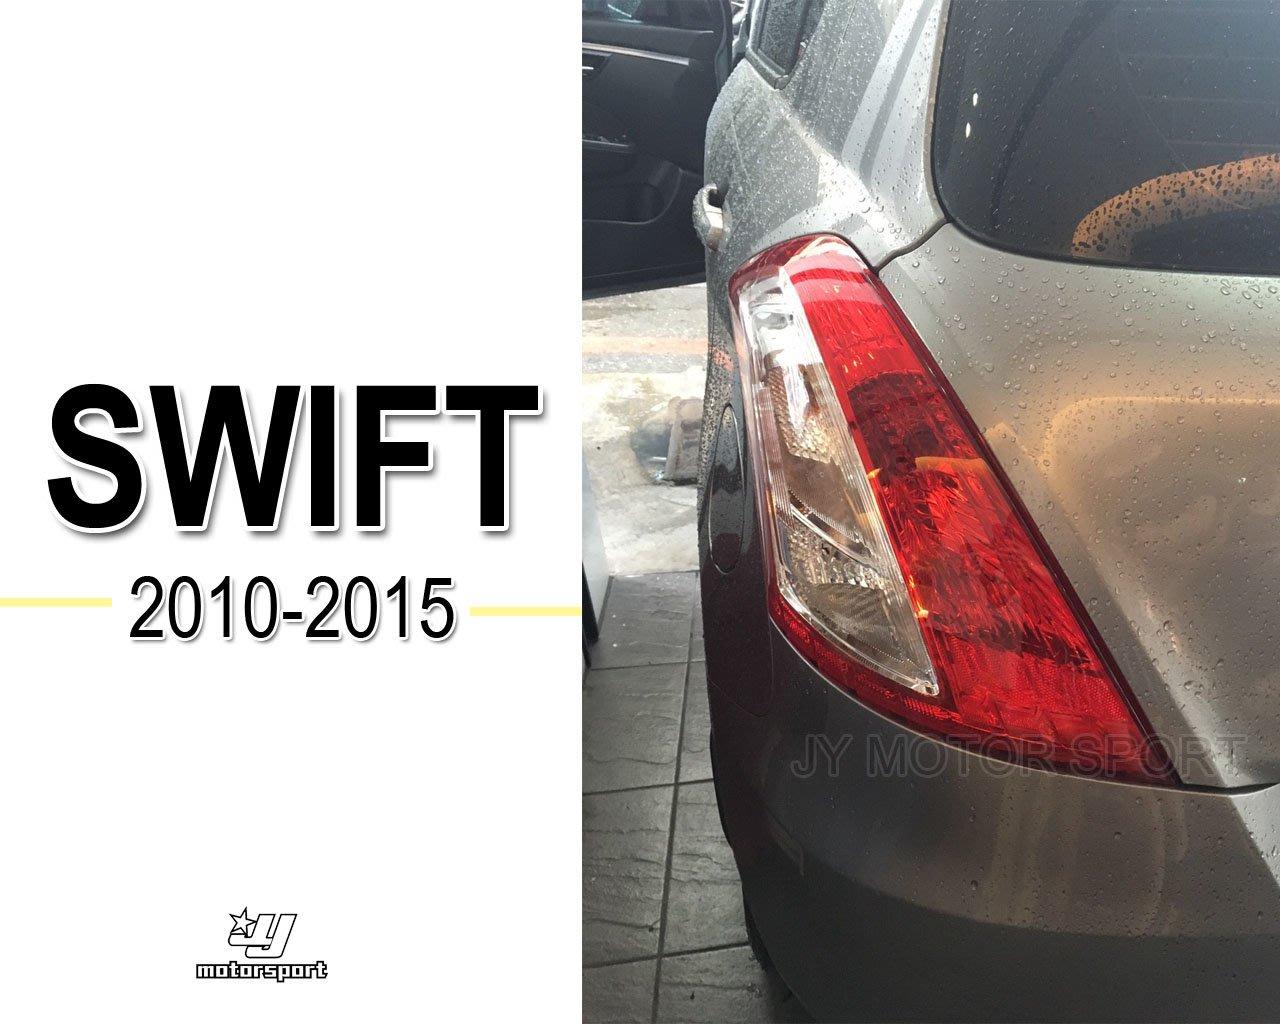 》傑暘國際車身部品《全新 SWIFT 10 11 12 13 14 15 年 原廠型 副廠 紅白晶鑽 尾燈 後燈